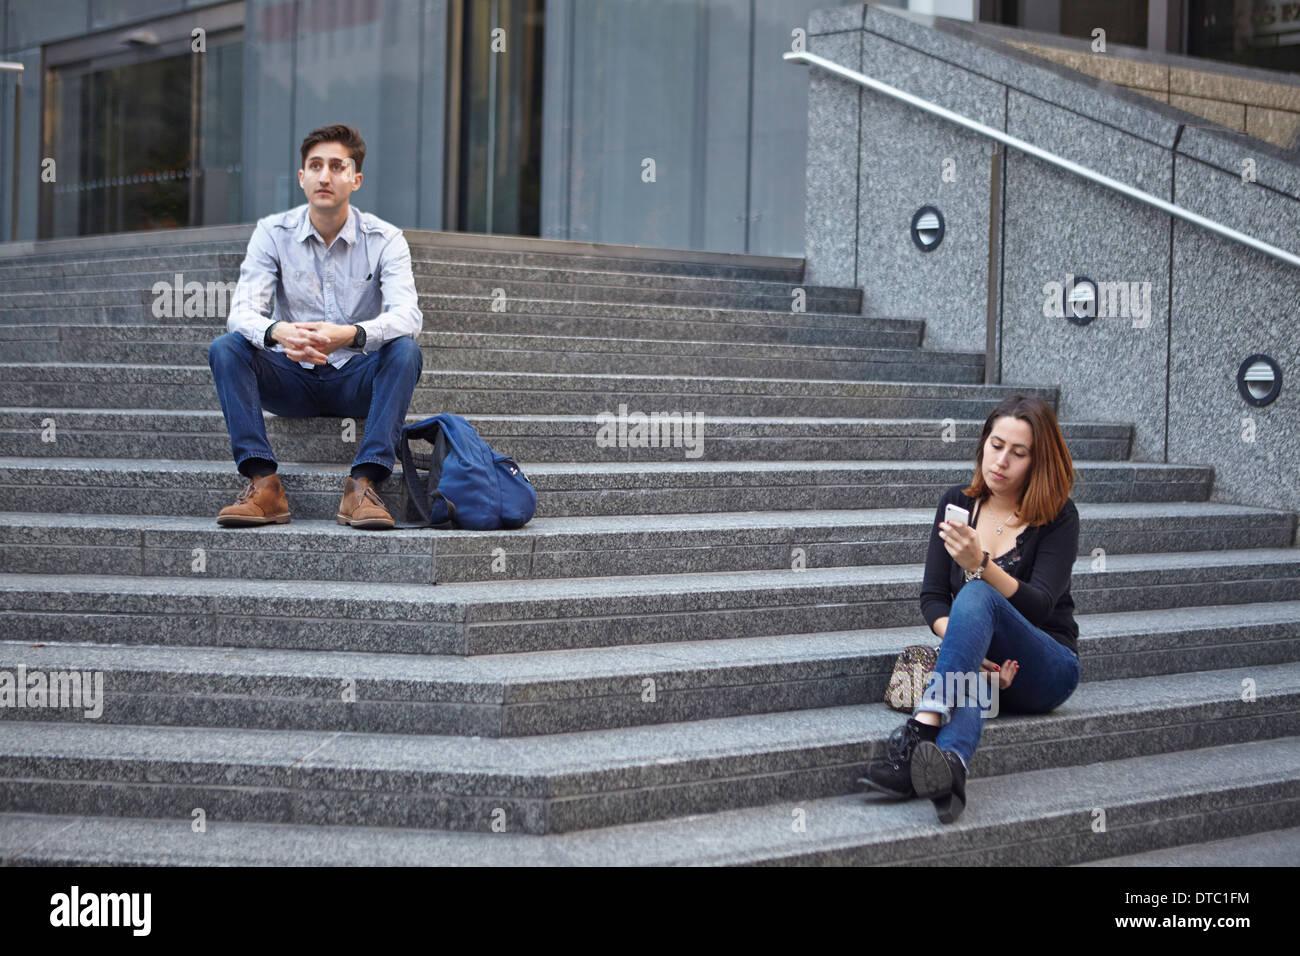 Malheureux couple sitting on steps apart Photo Stock